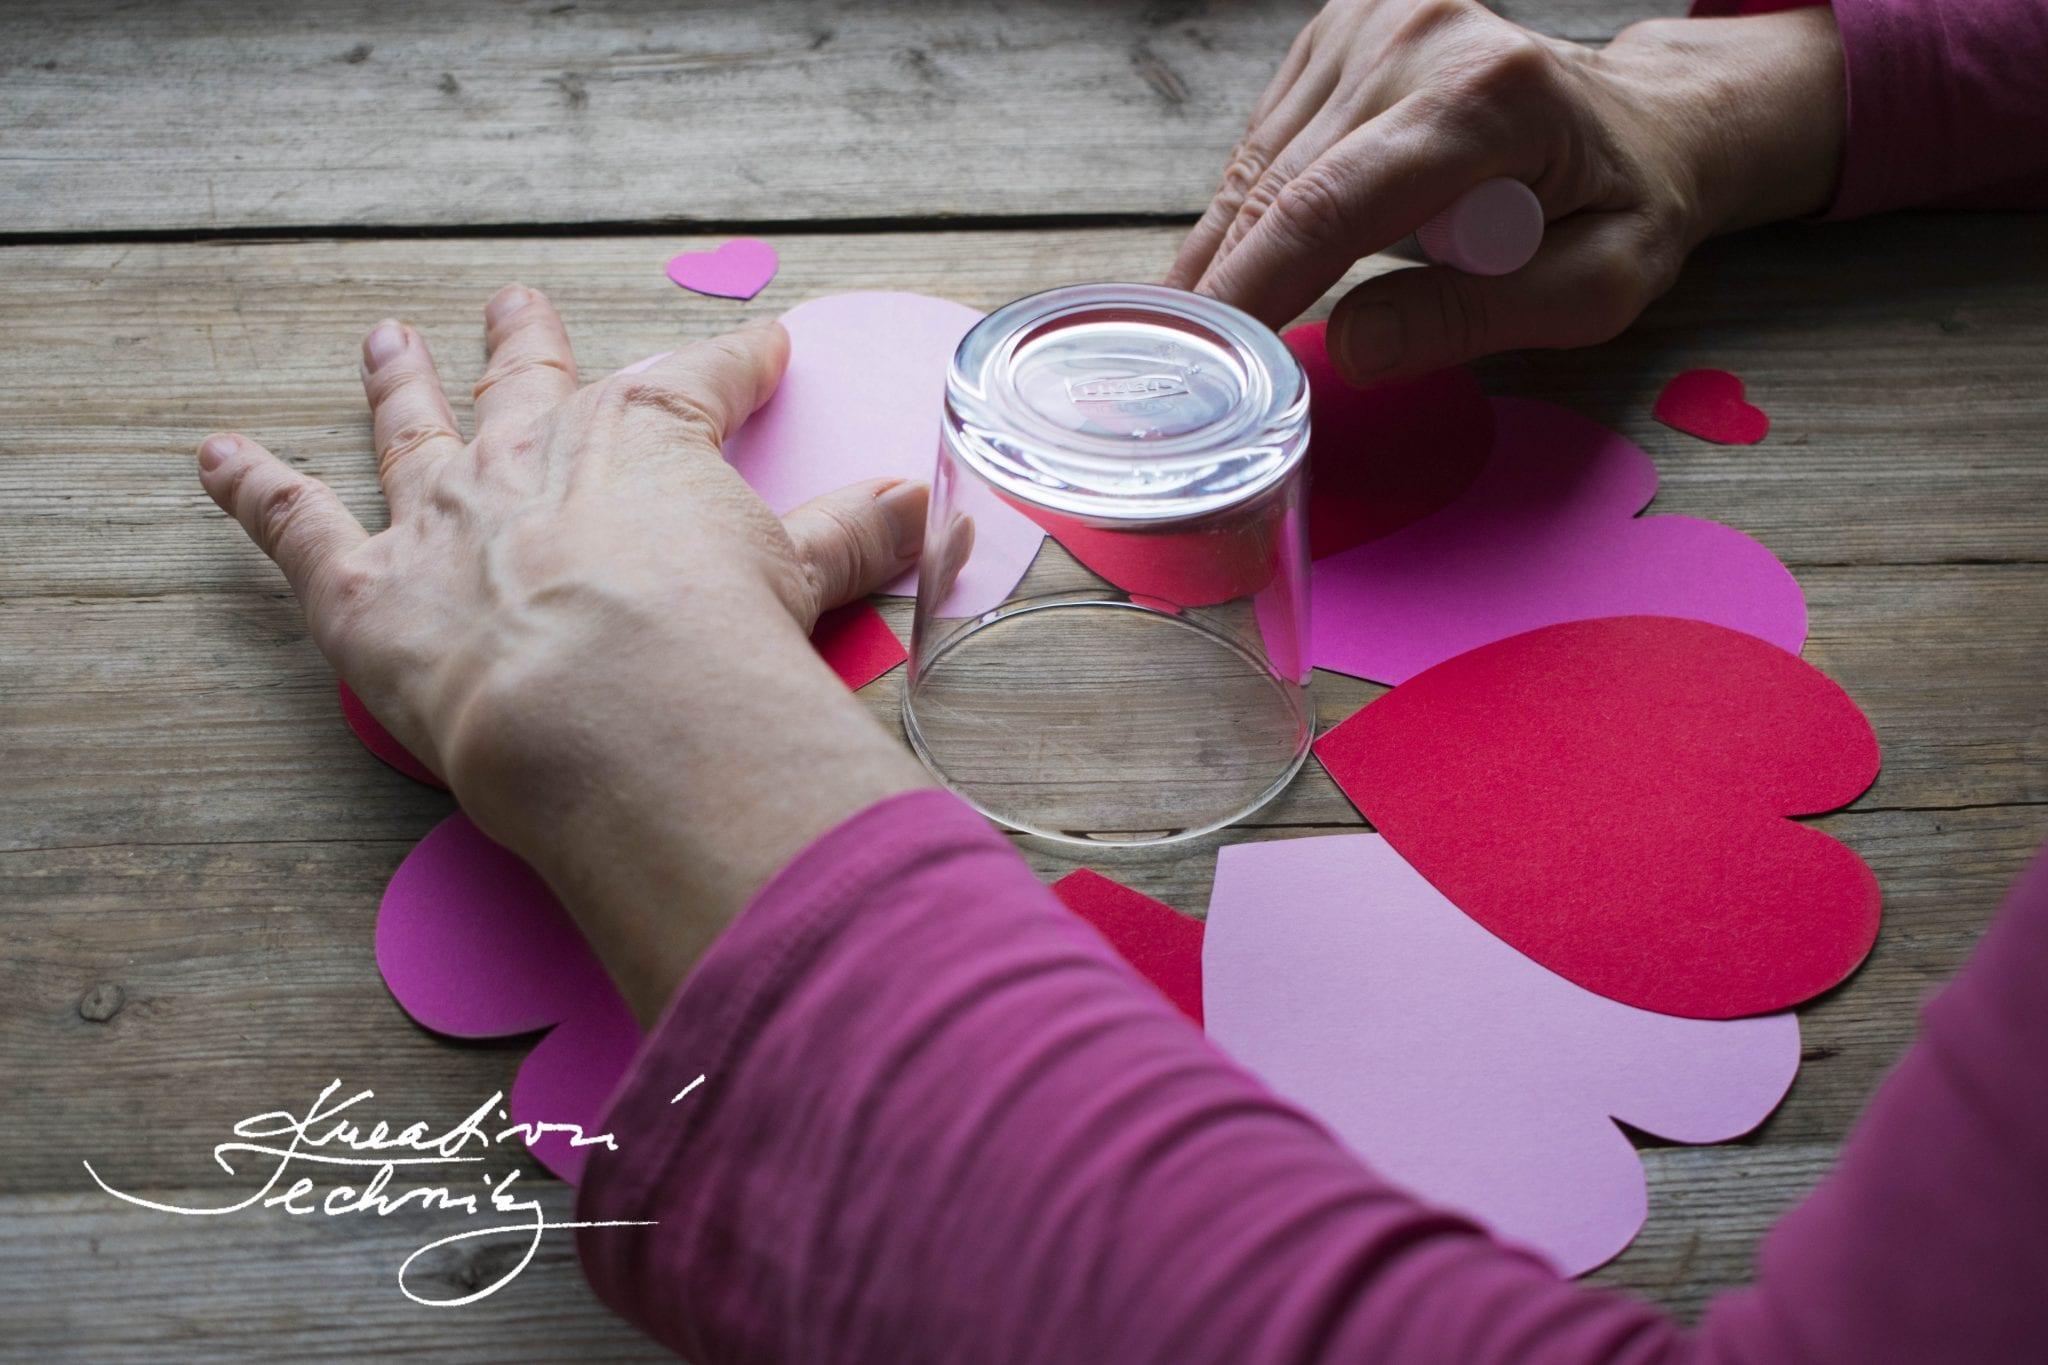 DIY, valentýnské tvoření, valentýnská dekorace, věnec na dveře, dekorace do okna, valentýnská dekorace, srdce, srdce ěablona, Valentýn, svatý Valentýn